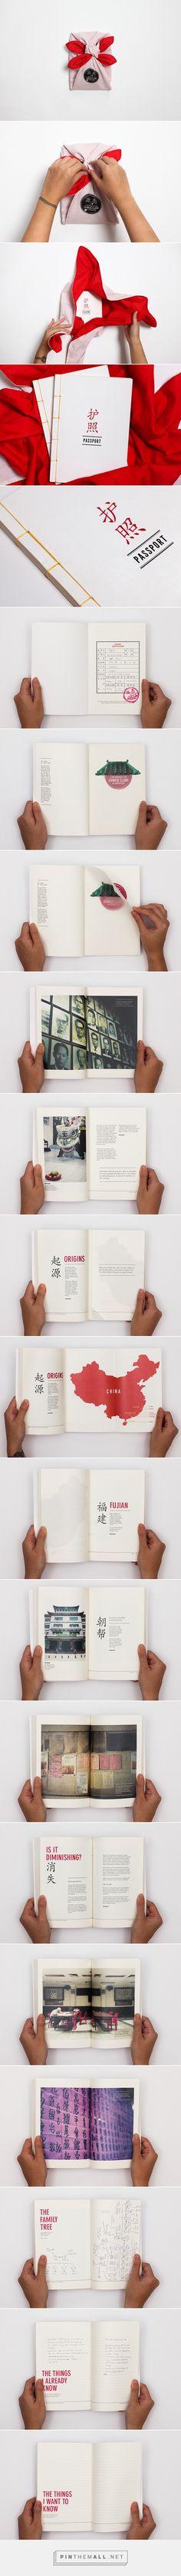 源 . 亮 : A Retrospect on Chinese Clans (The Book) by Serene Yap